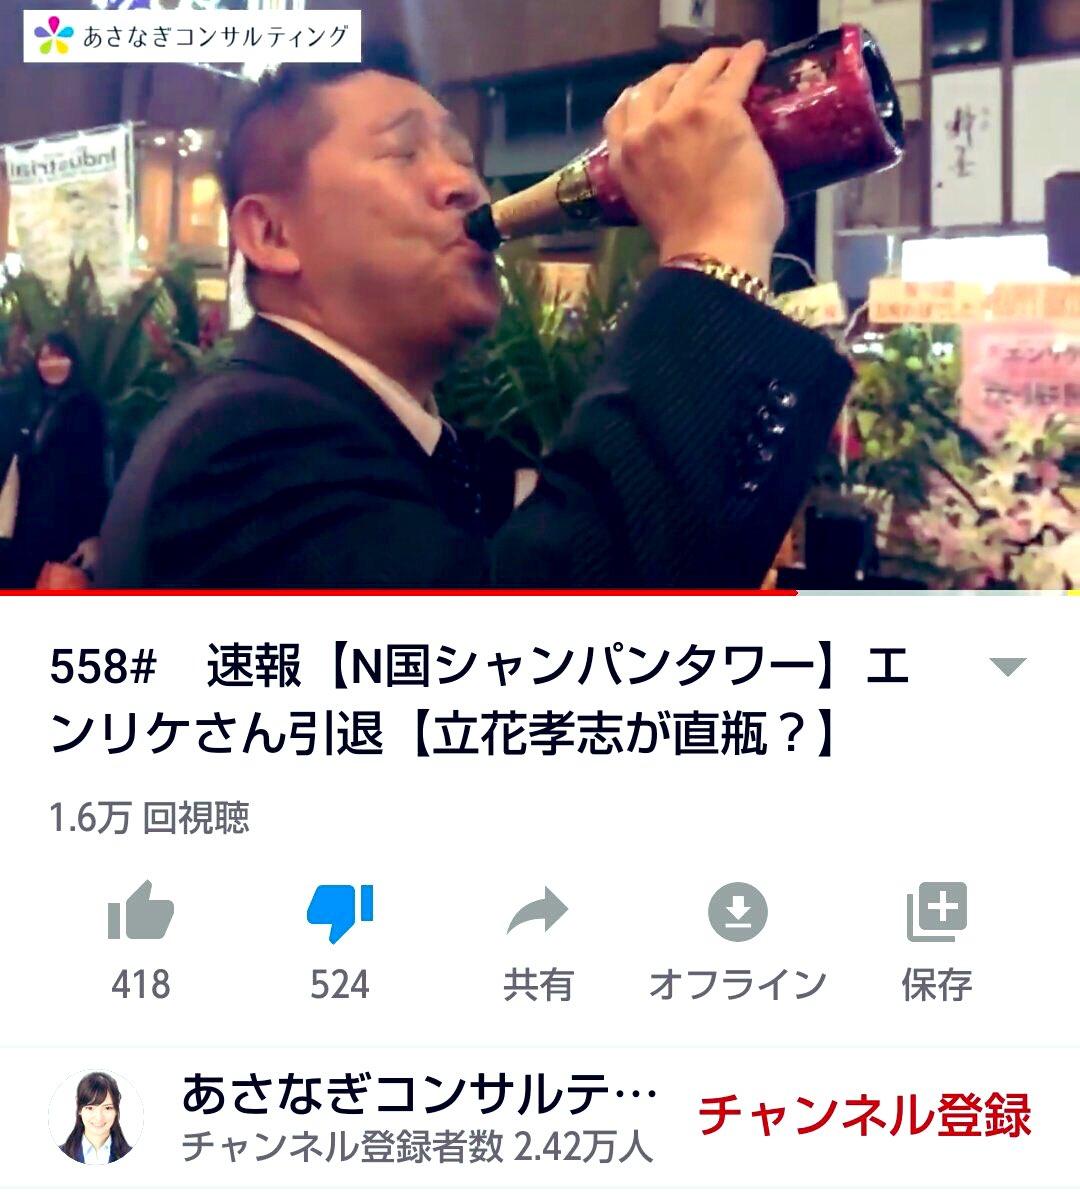 🥰これ、まったく納得できませんわ‼️  🥰なぜ #NHKから国民を守る党 に何億円もの #政党助成金 を支出して、  🥰#京大 の #山中教授 の #iPS細胞 予算が打ち切りなの?? https://twitter.com/yoshidakoichiro/status/1201493592545488896…